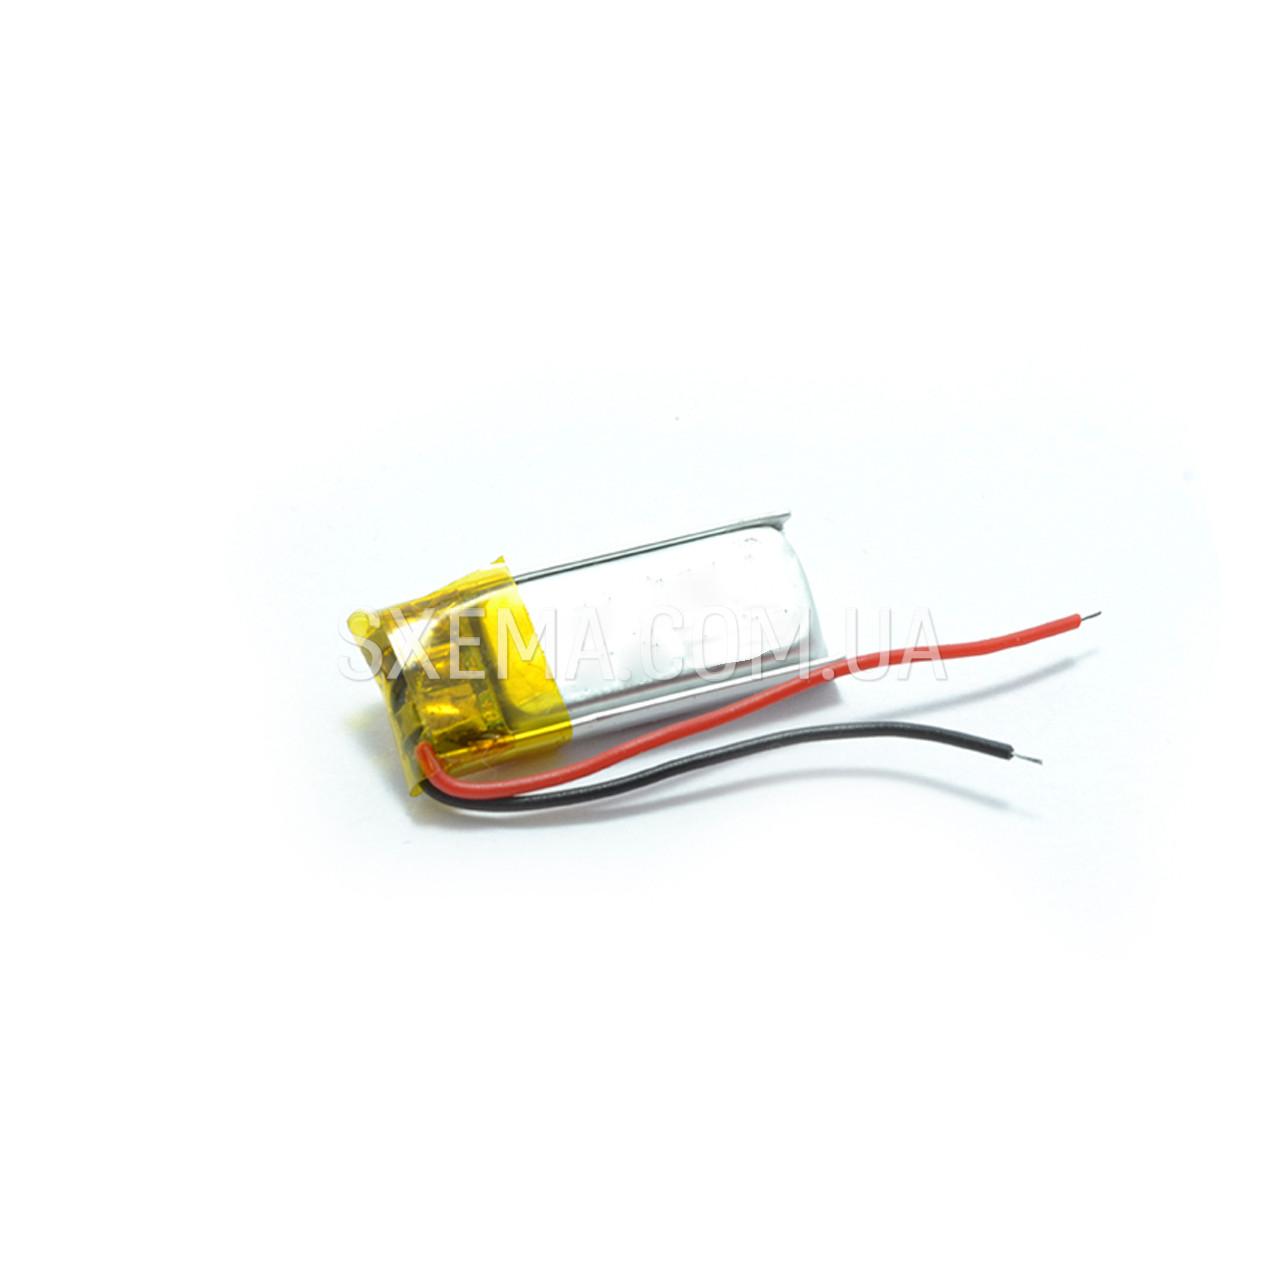 Аккумулятор универсальный 041021 (Li-ion 3.7В 160мА·ч), (21*10*4 мм)